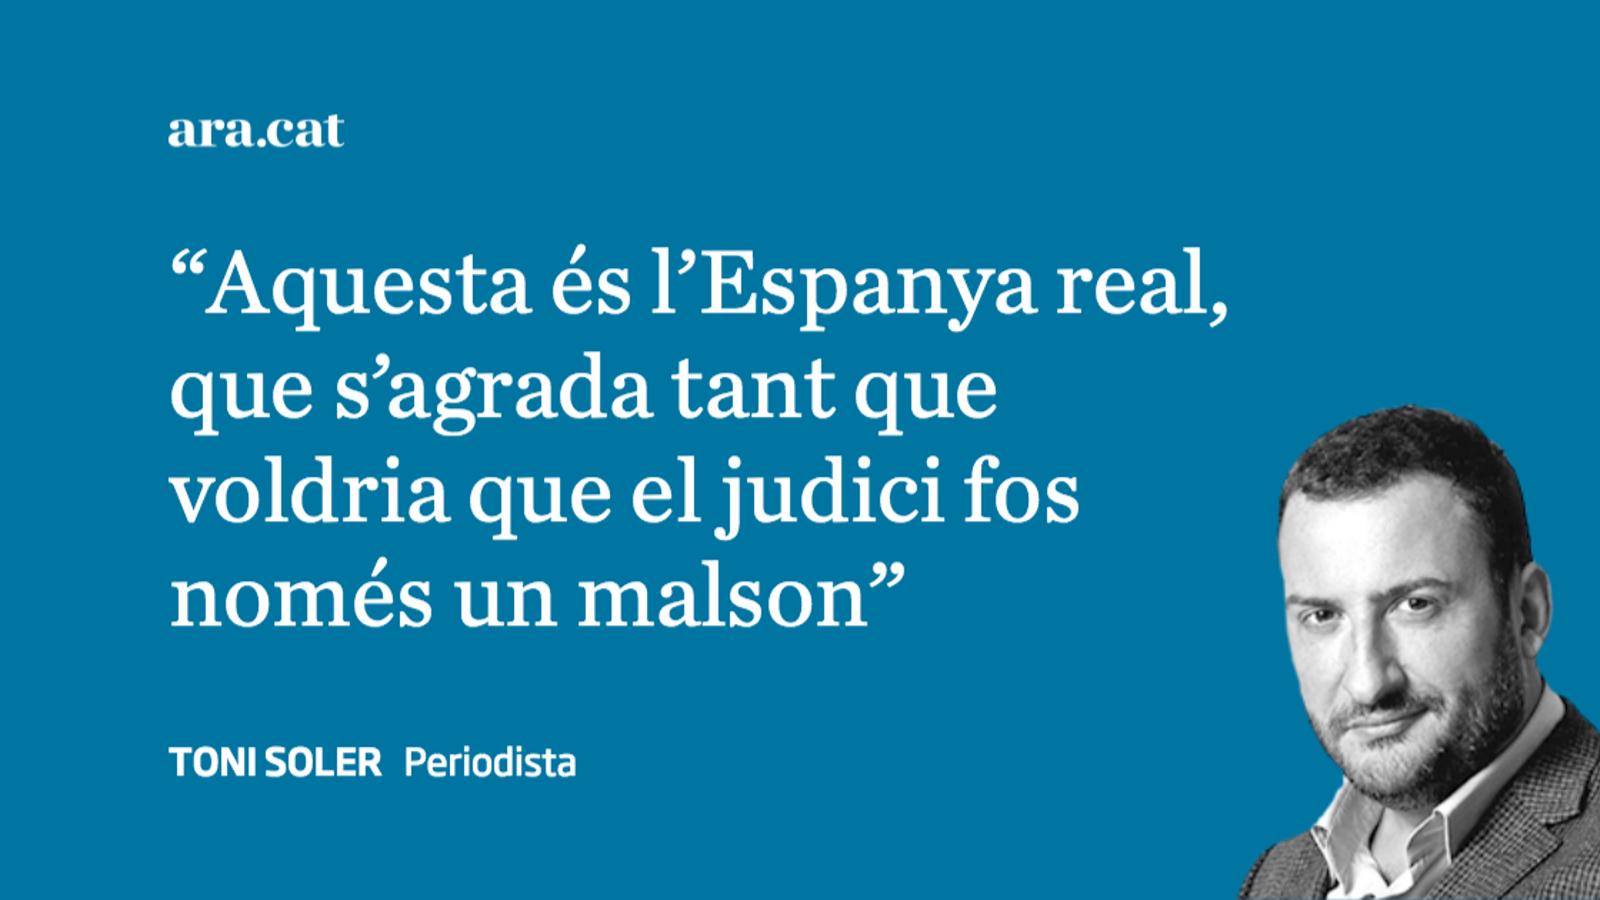 Espanya a judici